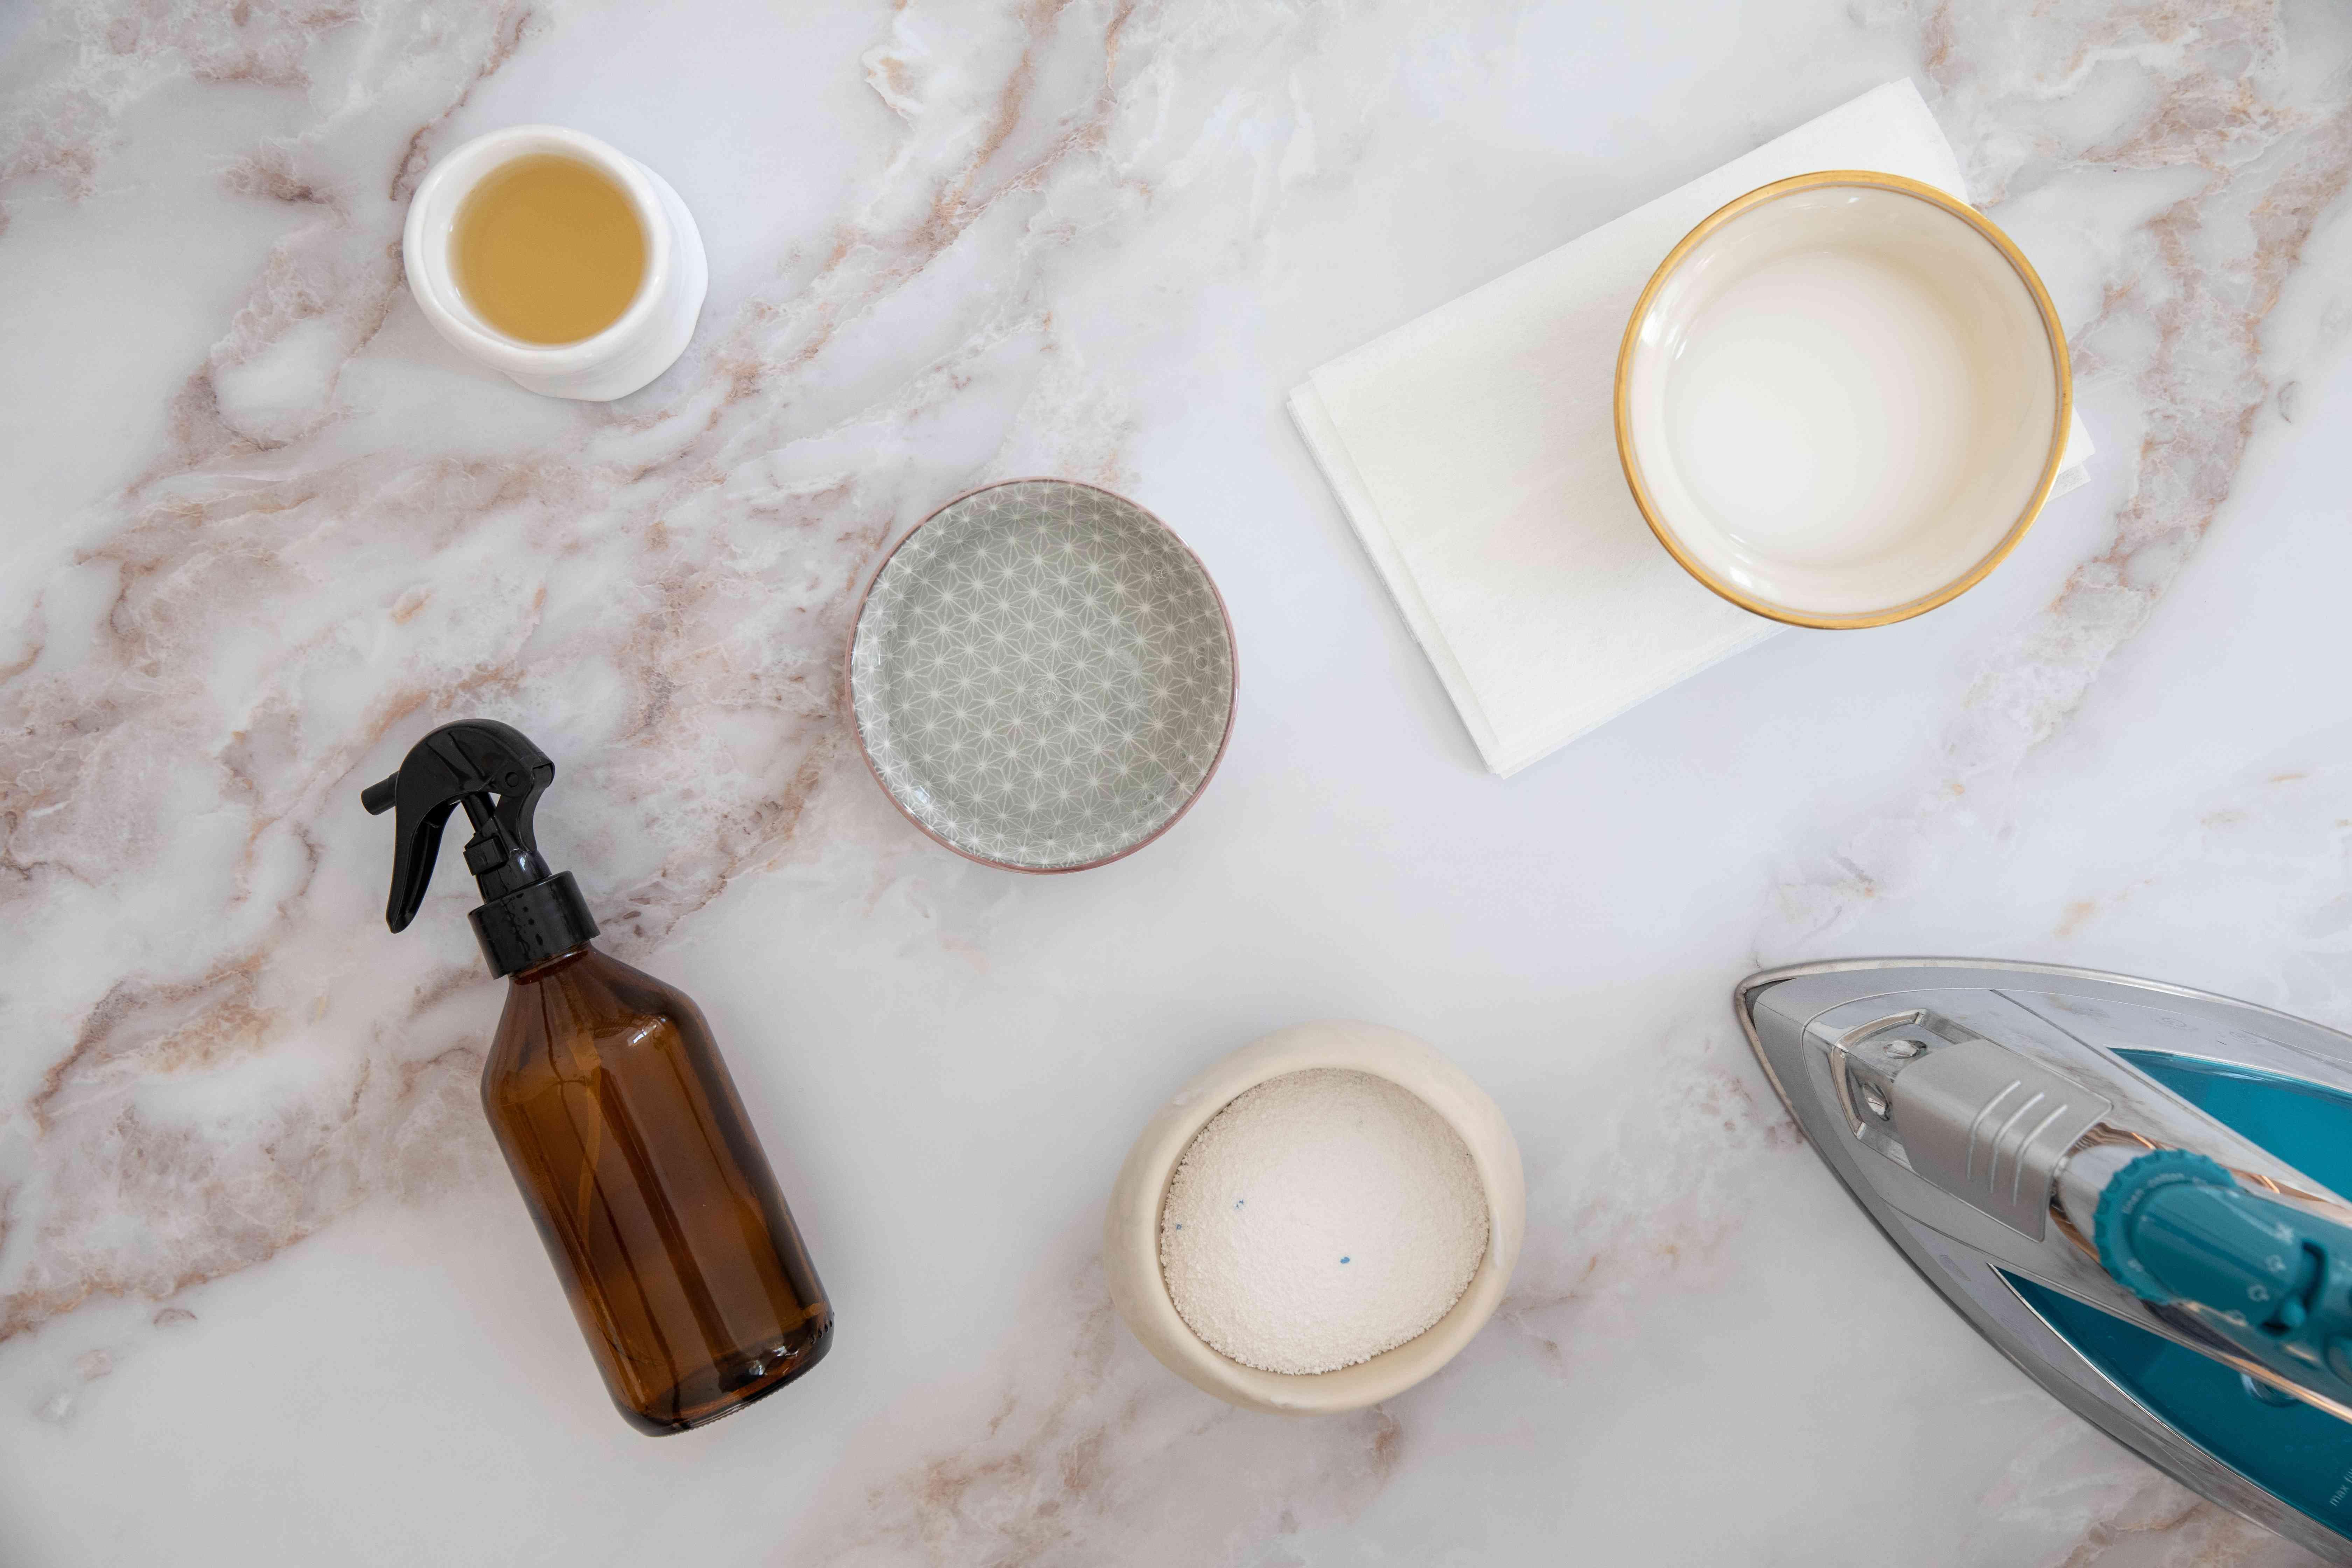 materials for washing bamboo fabrics